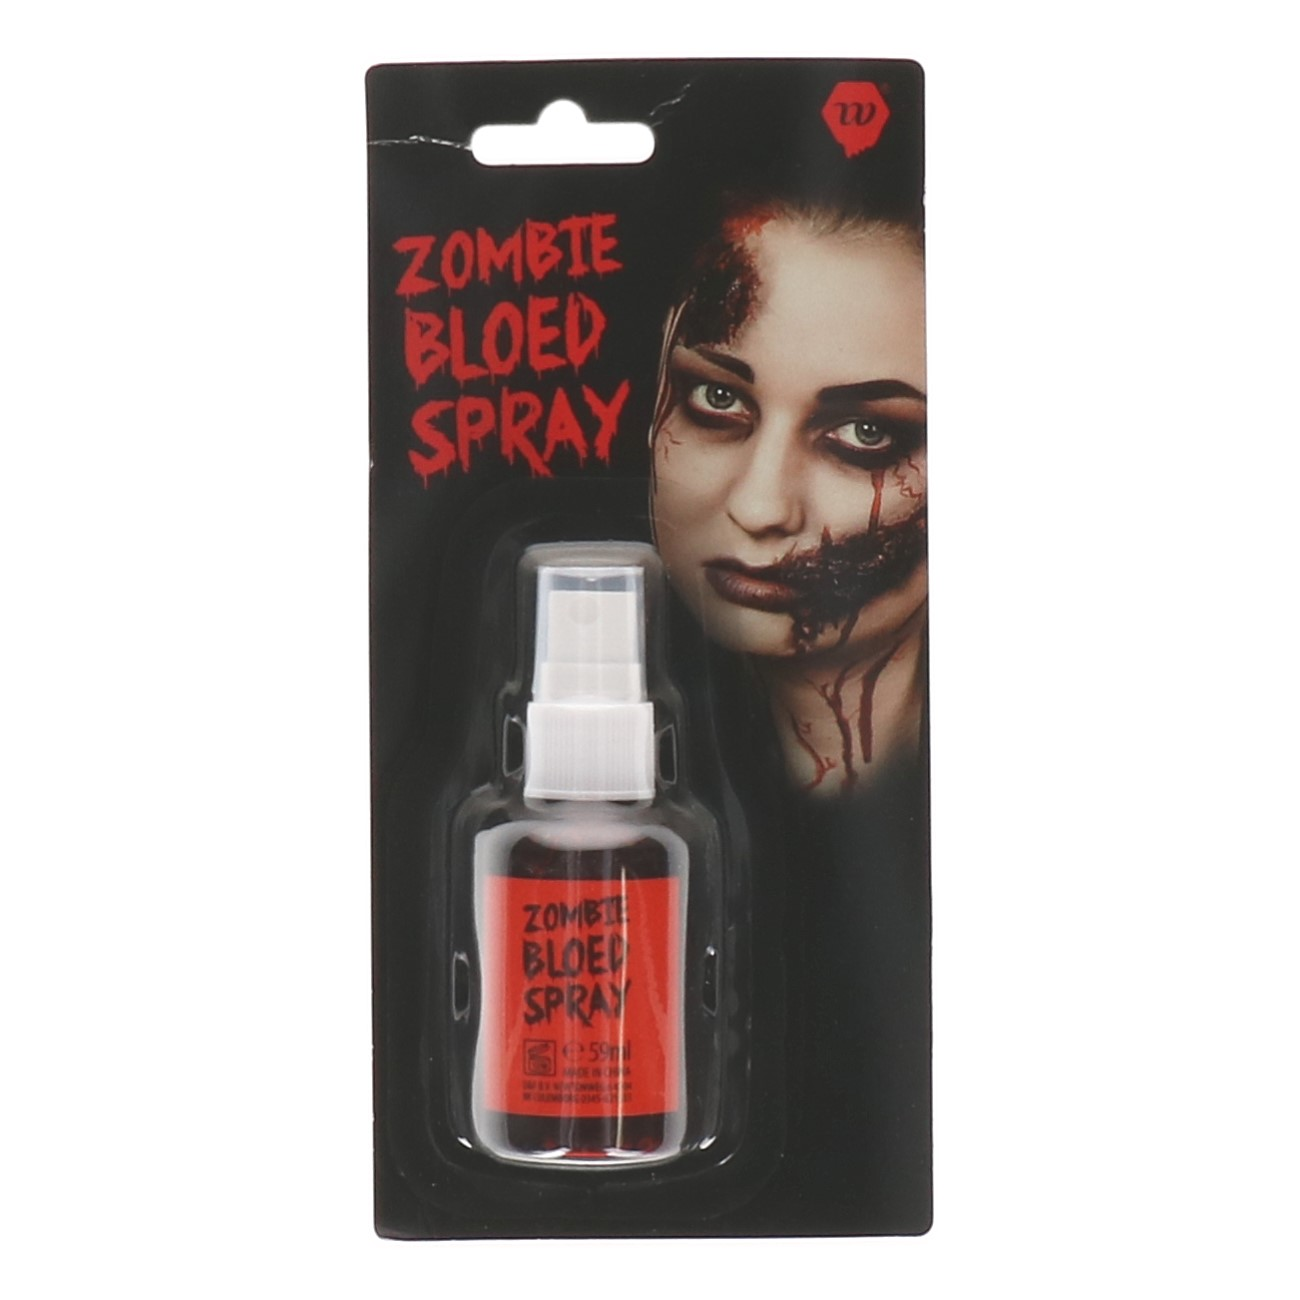 Zombiebloed spray Wauwfactor